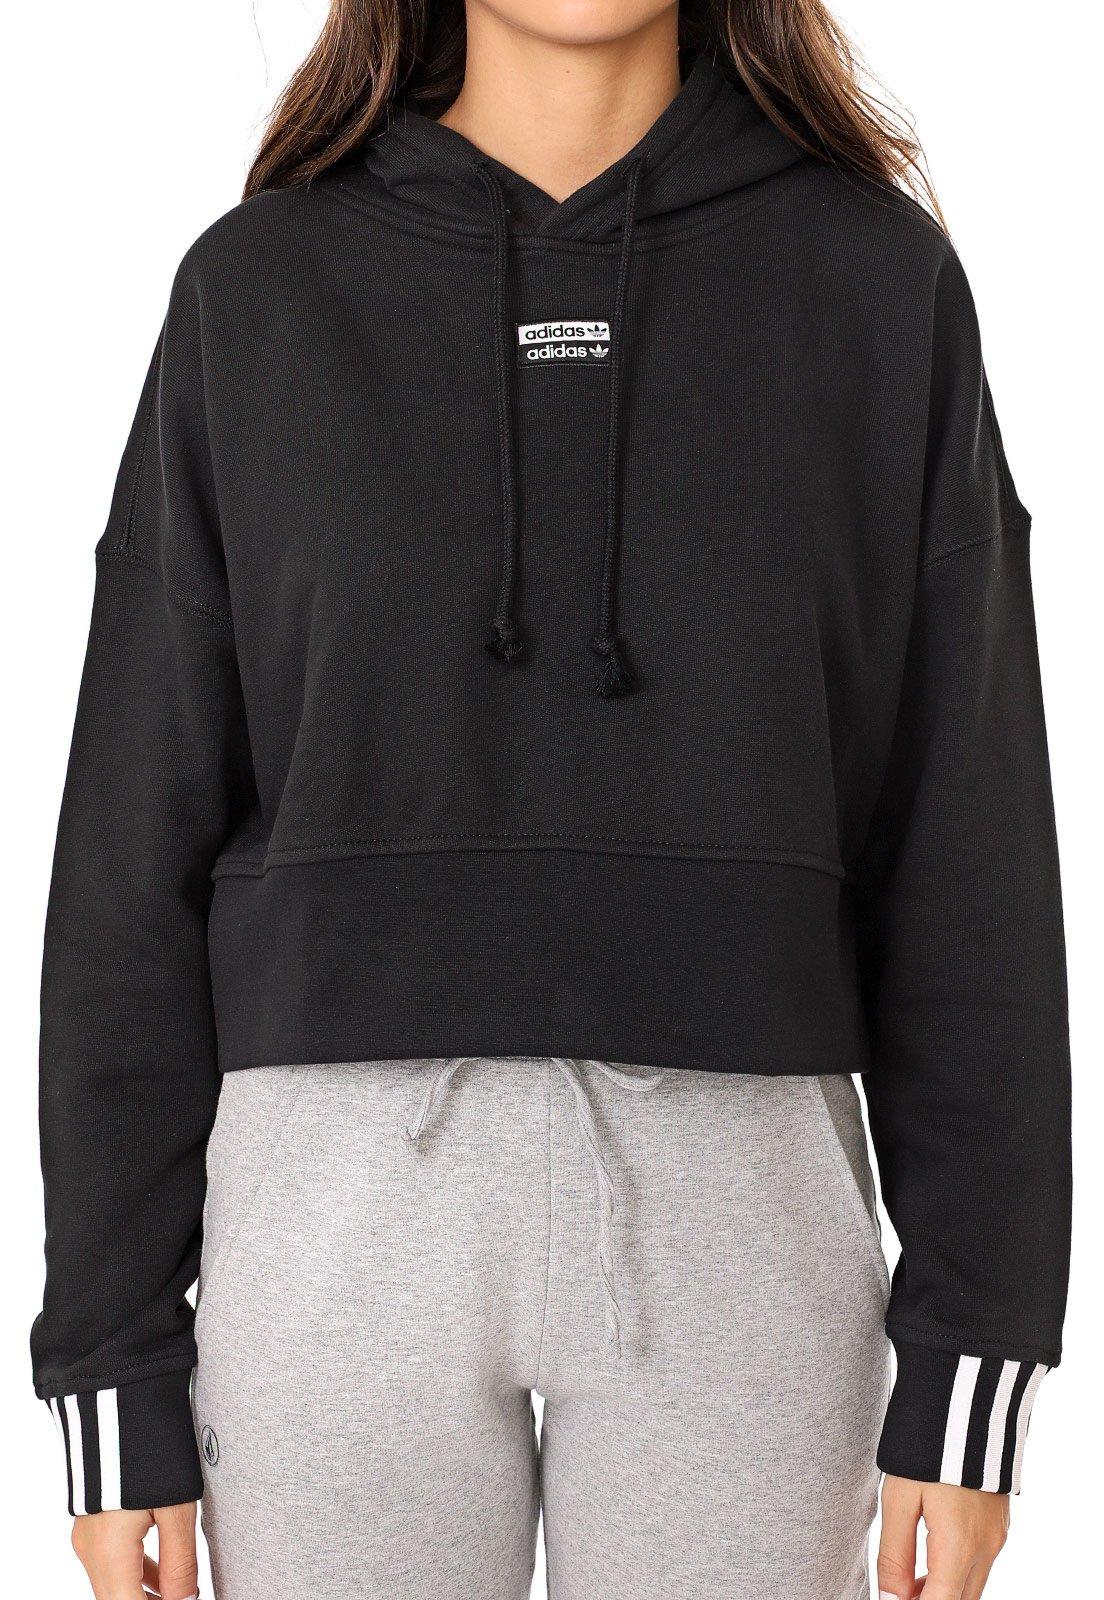 Moletom Flanelado Cropped Fechado adidas Originals Hoodie Preto - Marca adidas Originals